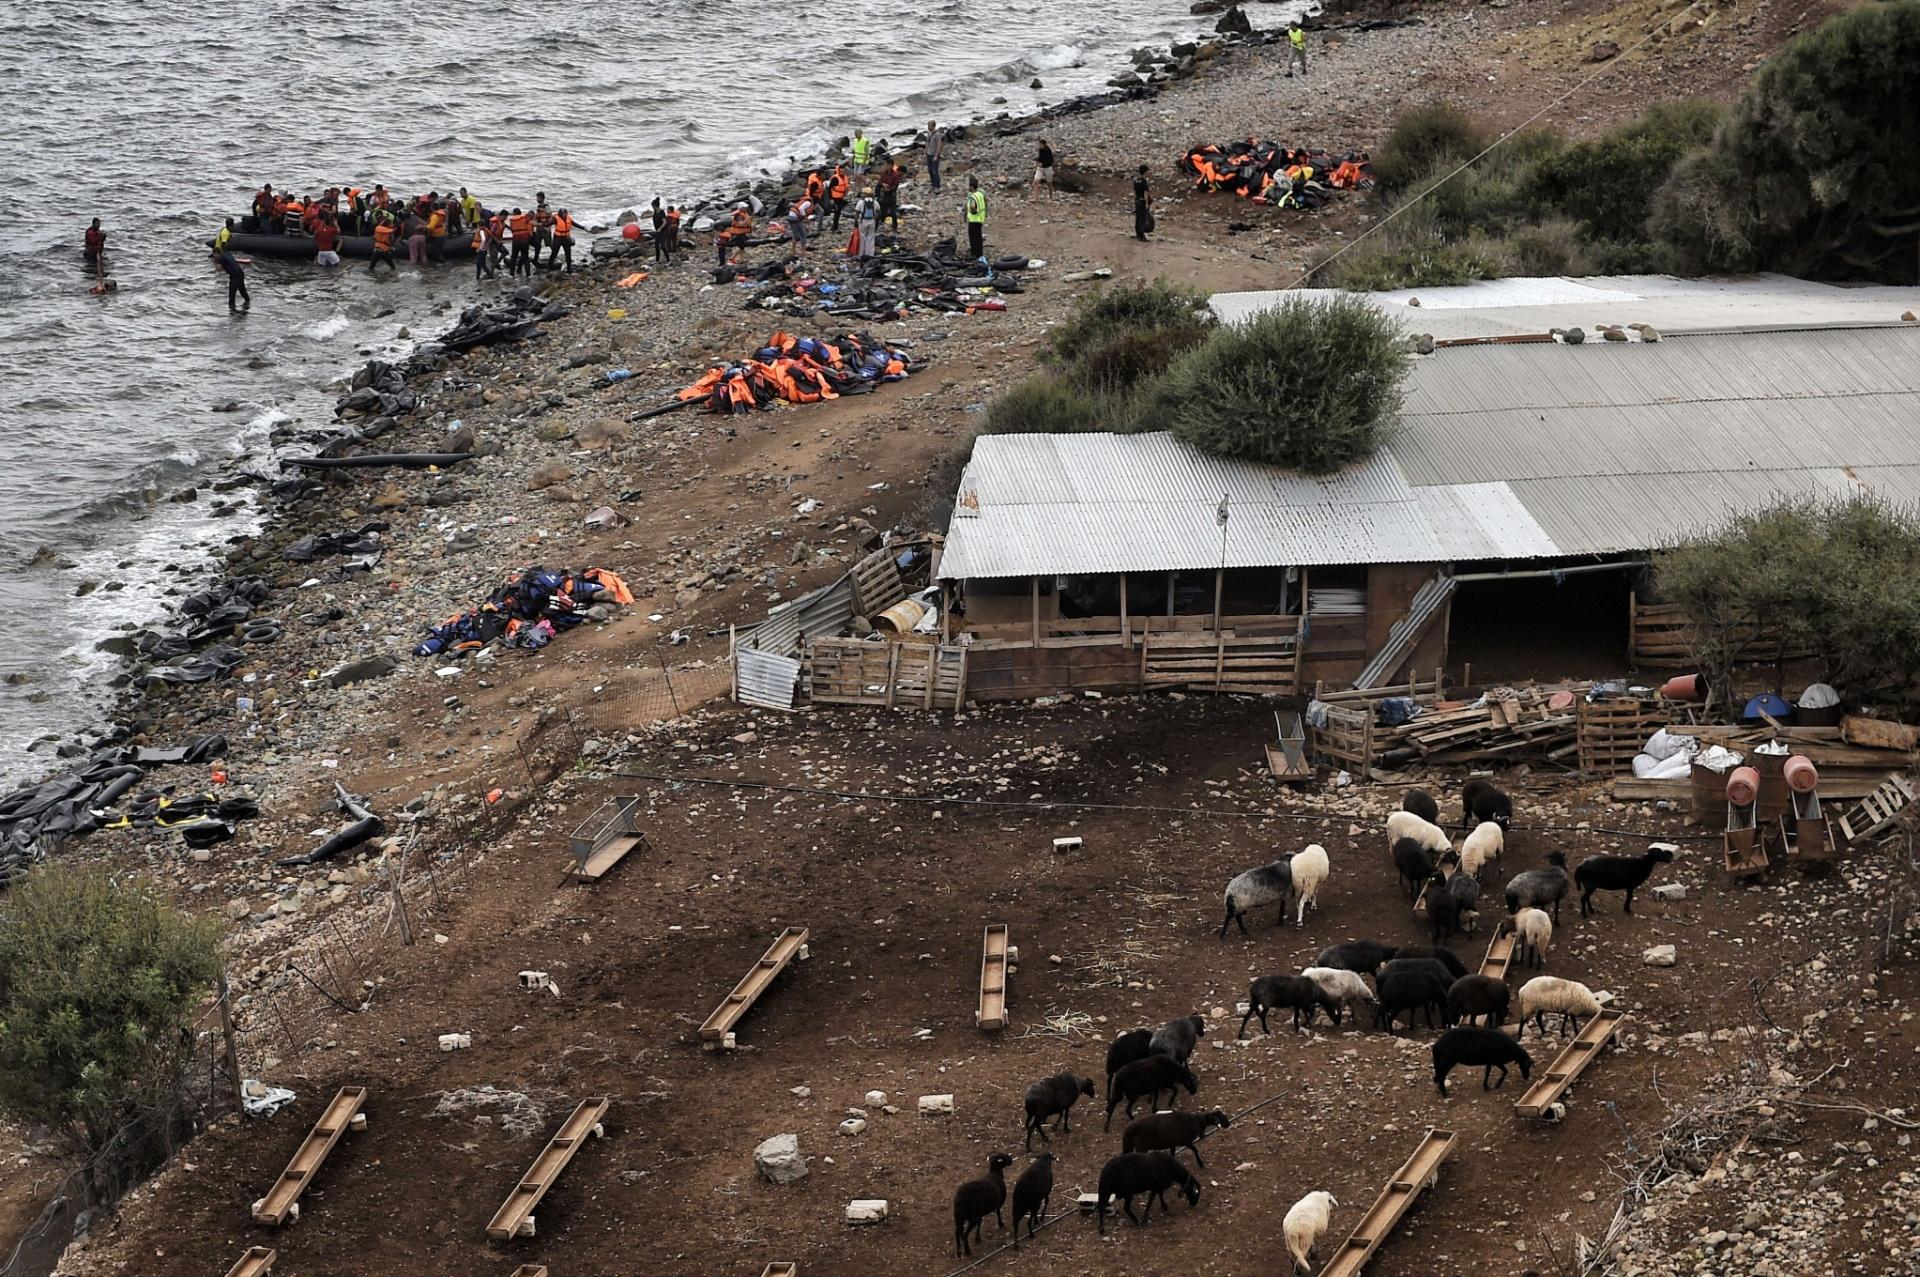 29.set.2015 - Bote com refugiados chega a ilha de Lesbo, na Grécia, após cruzar o mar Egeu desde a Turquia. Cerca de meio milhão de pessoas já chegaram esse ano à Europa por essa rota